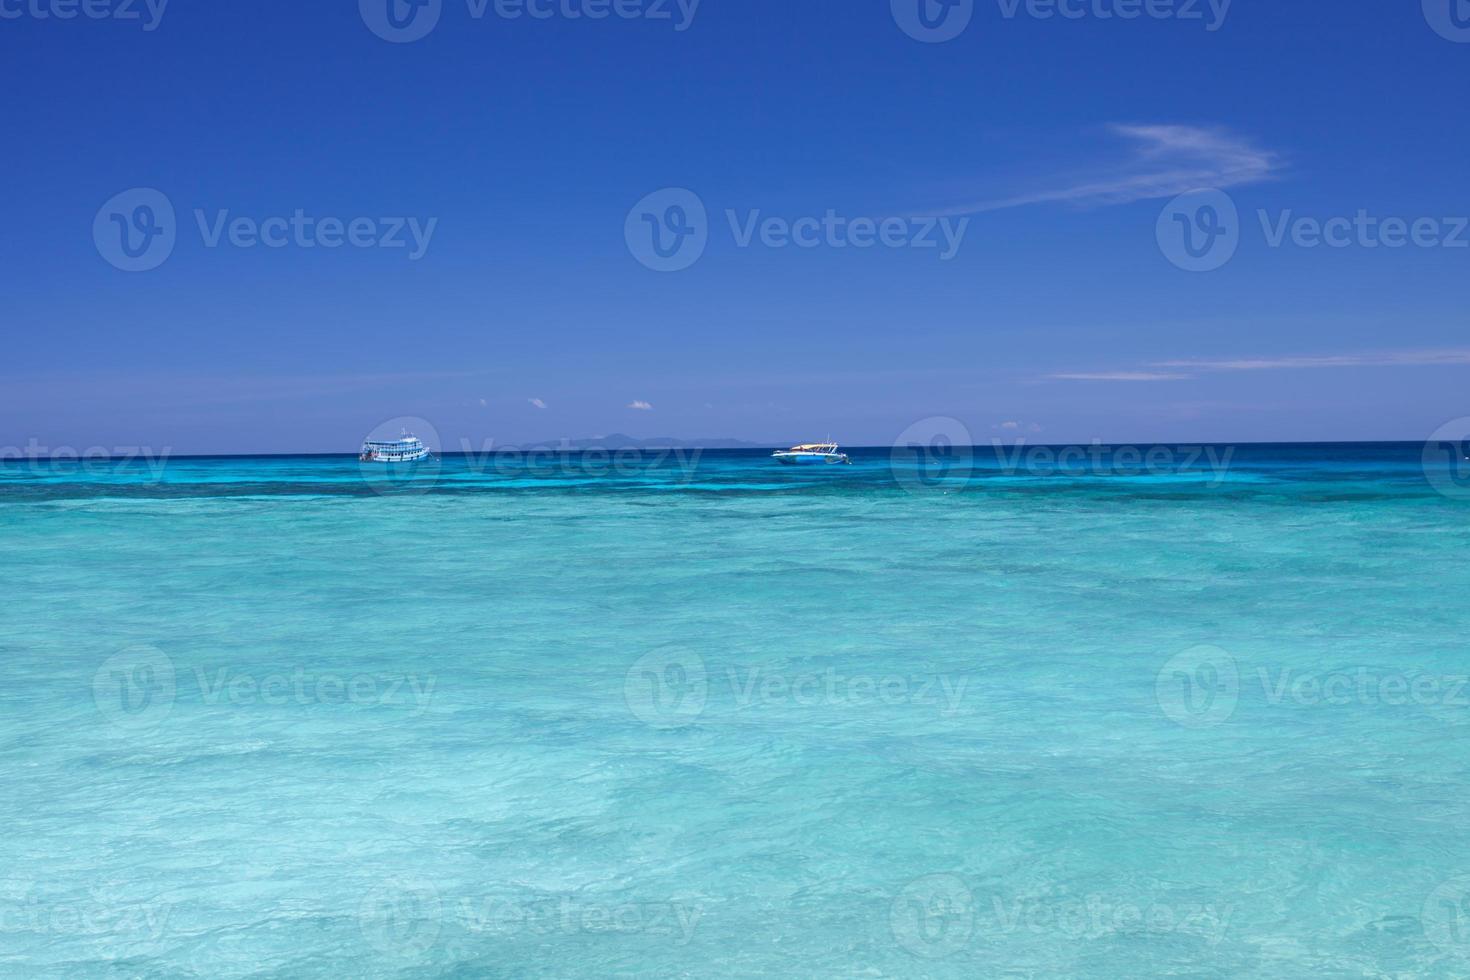 blauw water en lucht foto